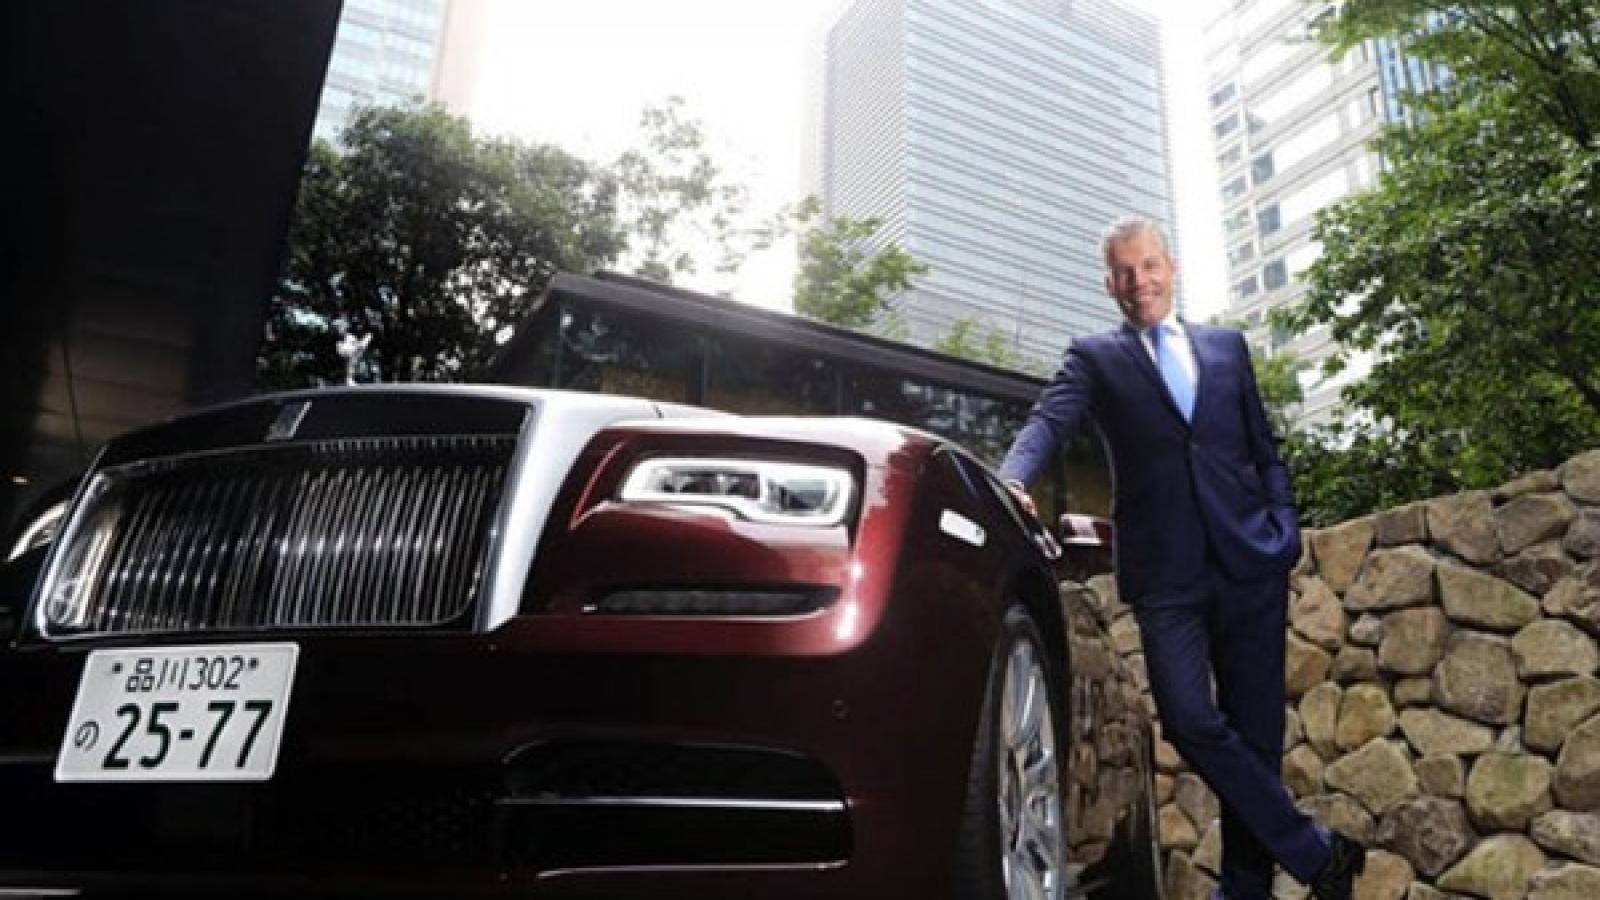 افزایش تعداد نمایندگیهای رولزرویس در ژاپن - اجاره خودرو طباطبایی